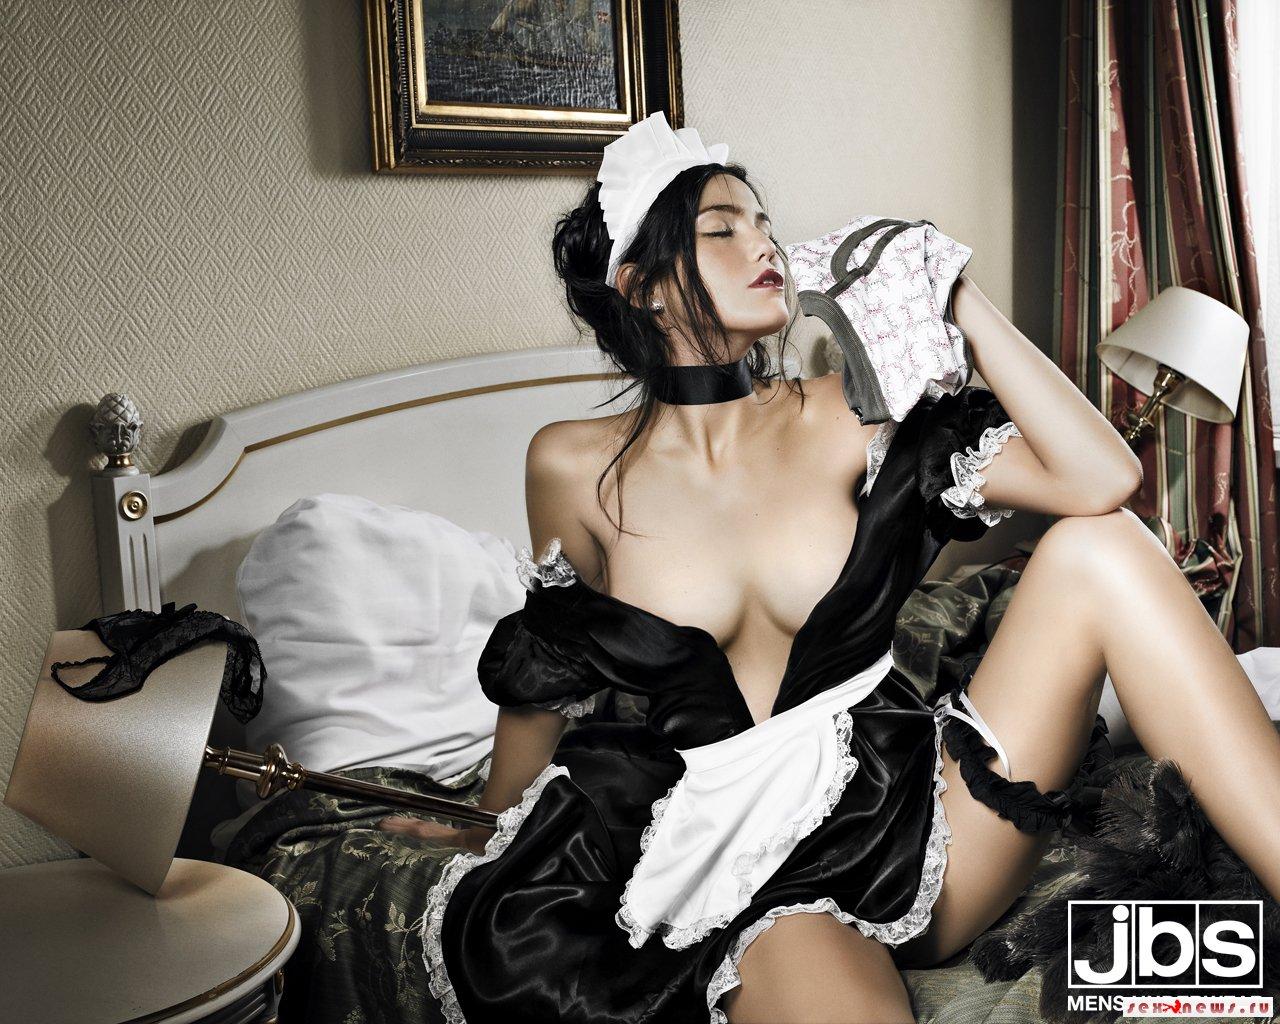 Реклама нижнего женского белья порно 6 фотография